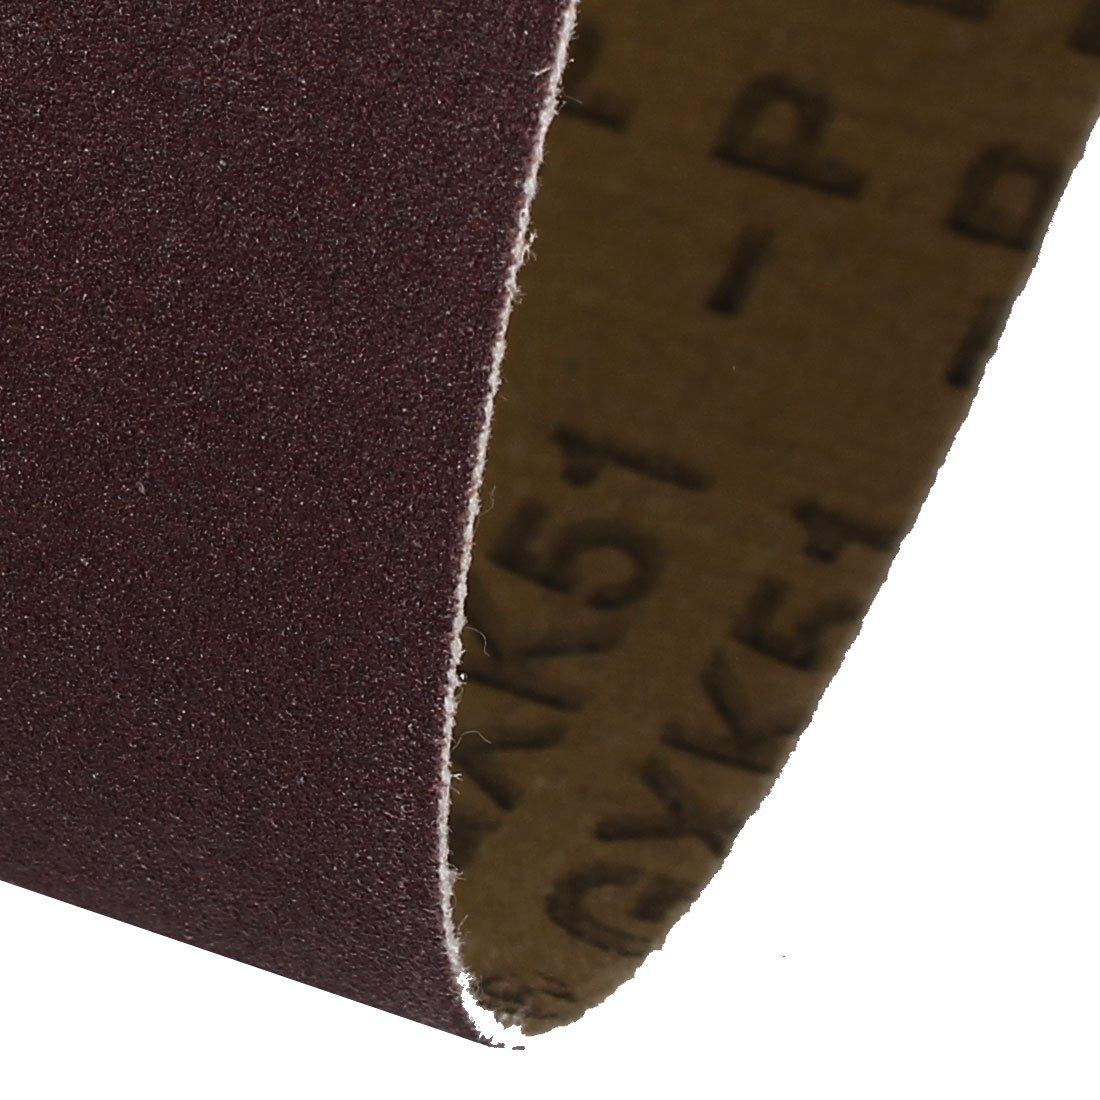 400-Grits Aluminum Oxide Sand Belts for Belt Sander 3pcs sourcing map 4 x 36 Abrasive Sanding Belt